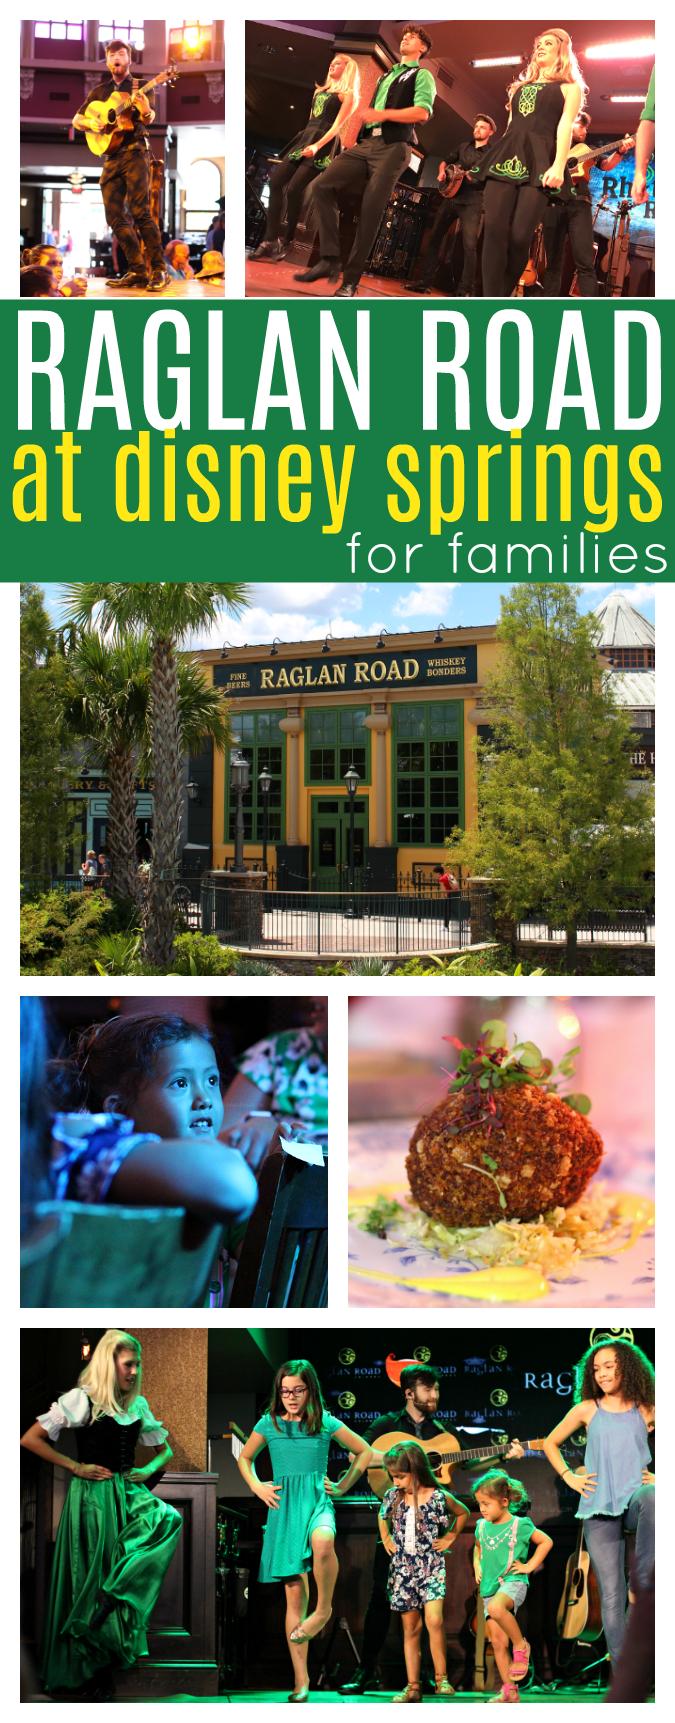 Raglan road at Disney springs for families